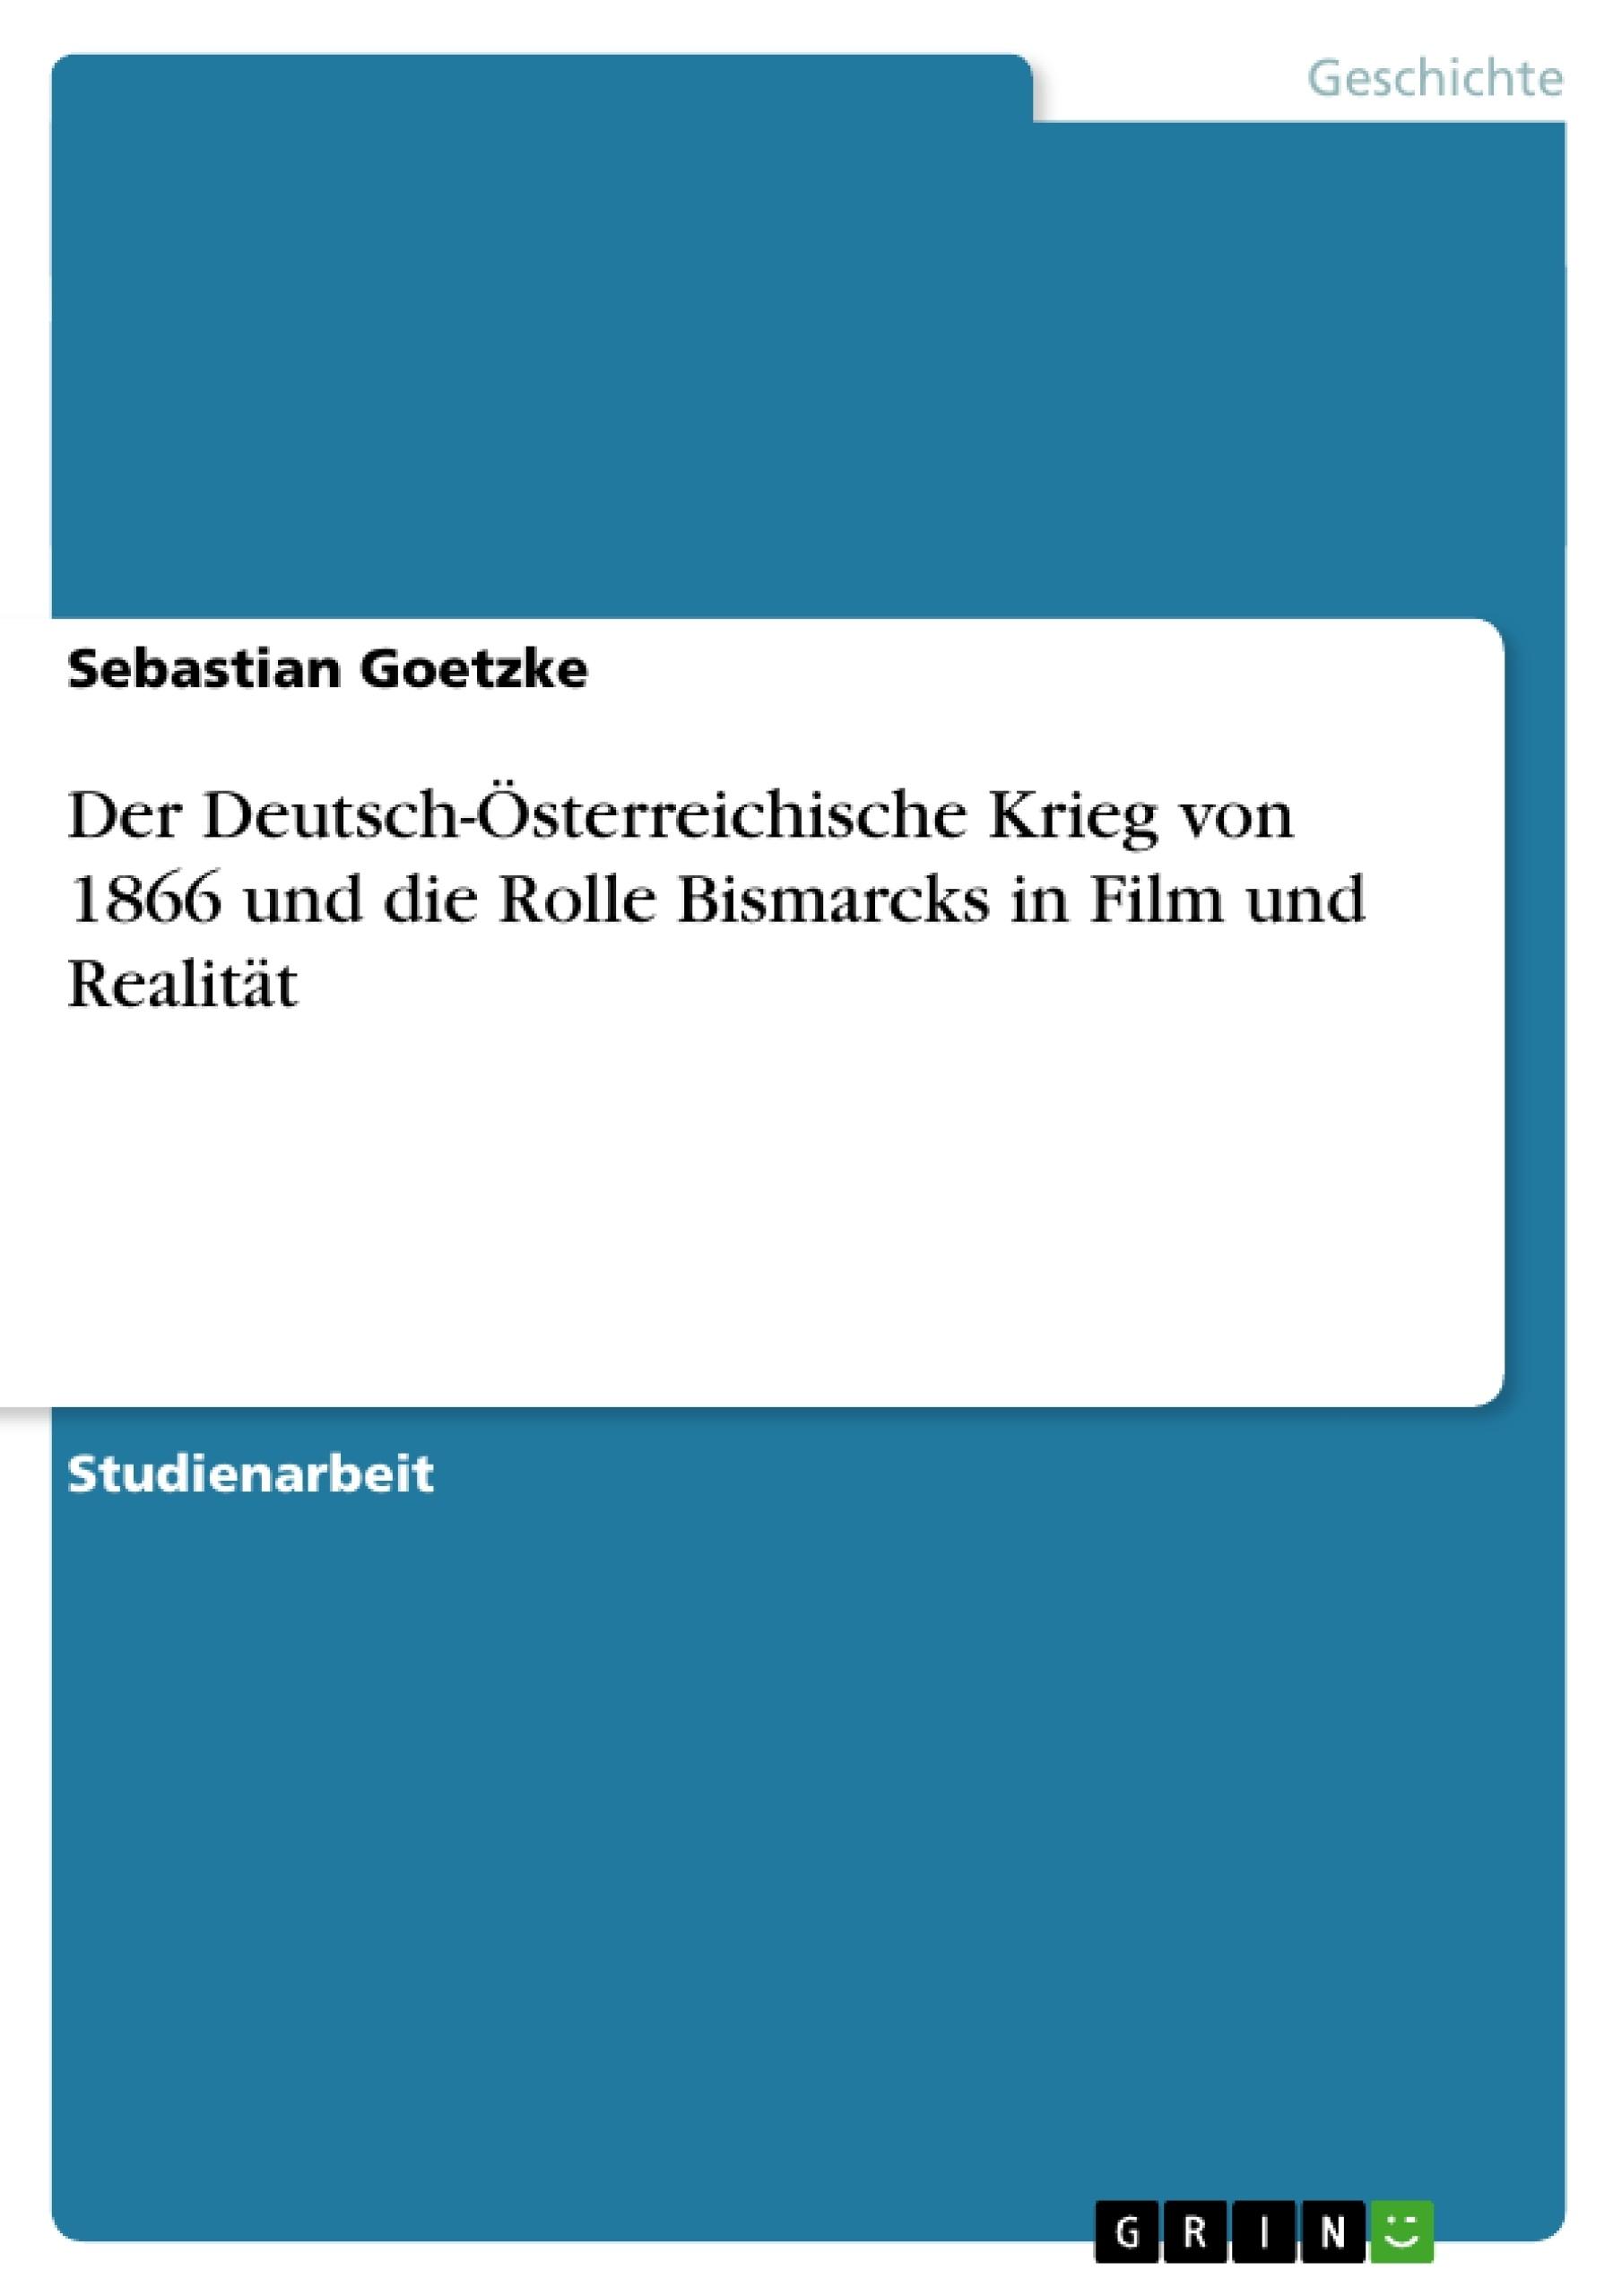 Titel: Der Deutsch-Österreichische Krieg von 1866 und die Rolle Bismarcks in Film und Realität